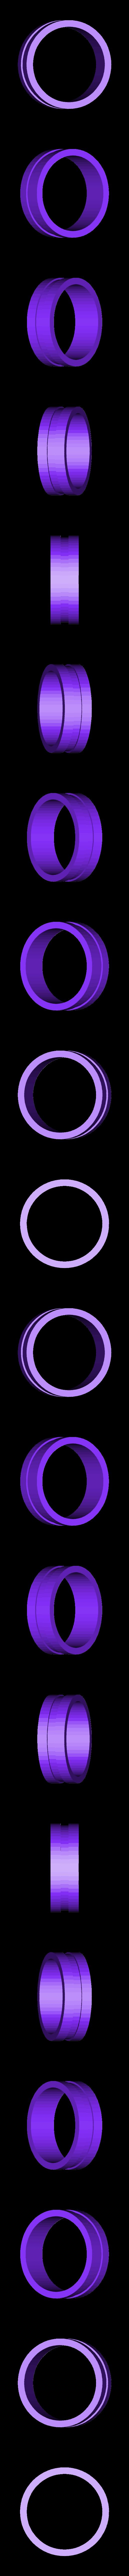 anillo 19 interior.stl Télécharger fichier STL gratuit Anillo / Ring • Objet imprimable en 3D, amg3D